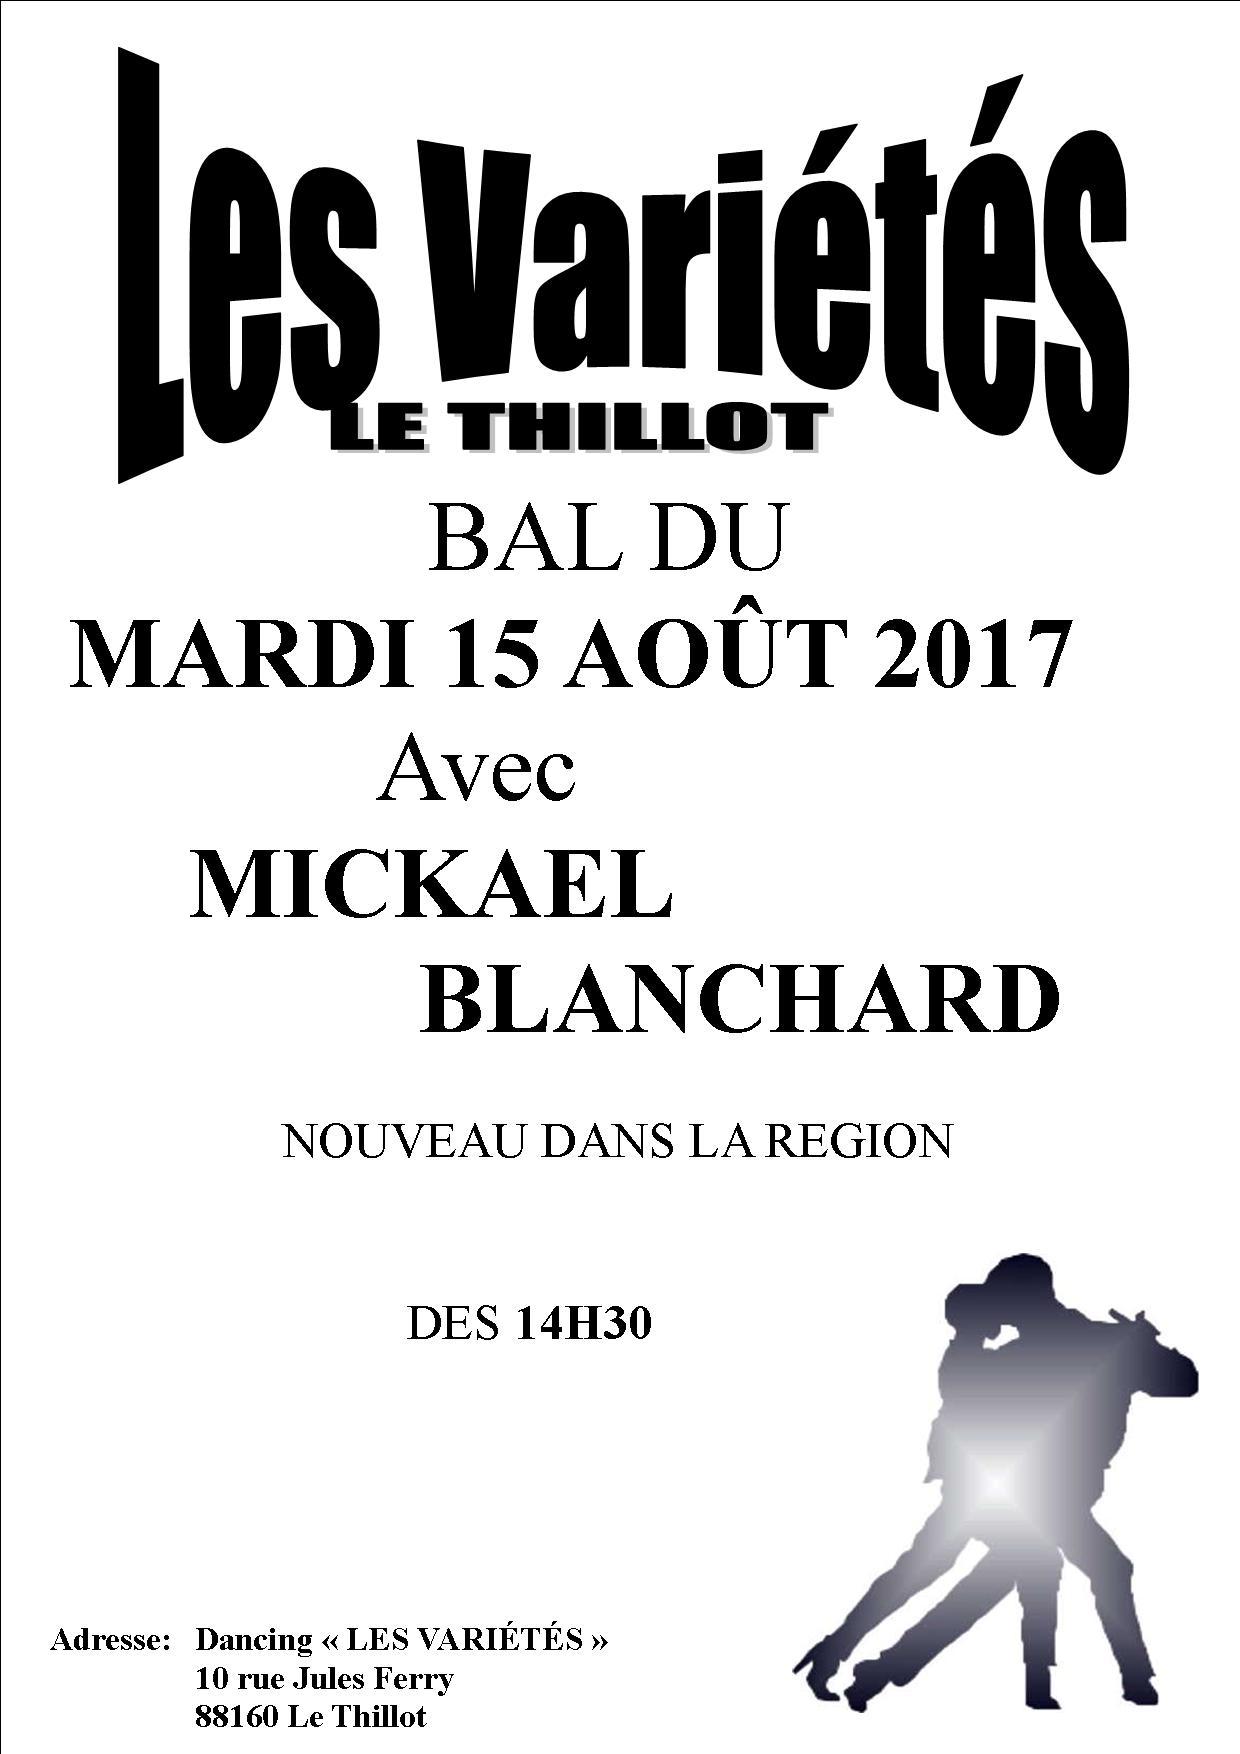 MICKAEL BLANCHARD 15 AOUT 2017